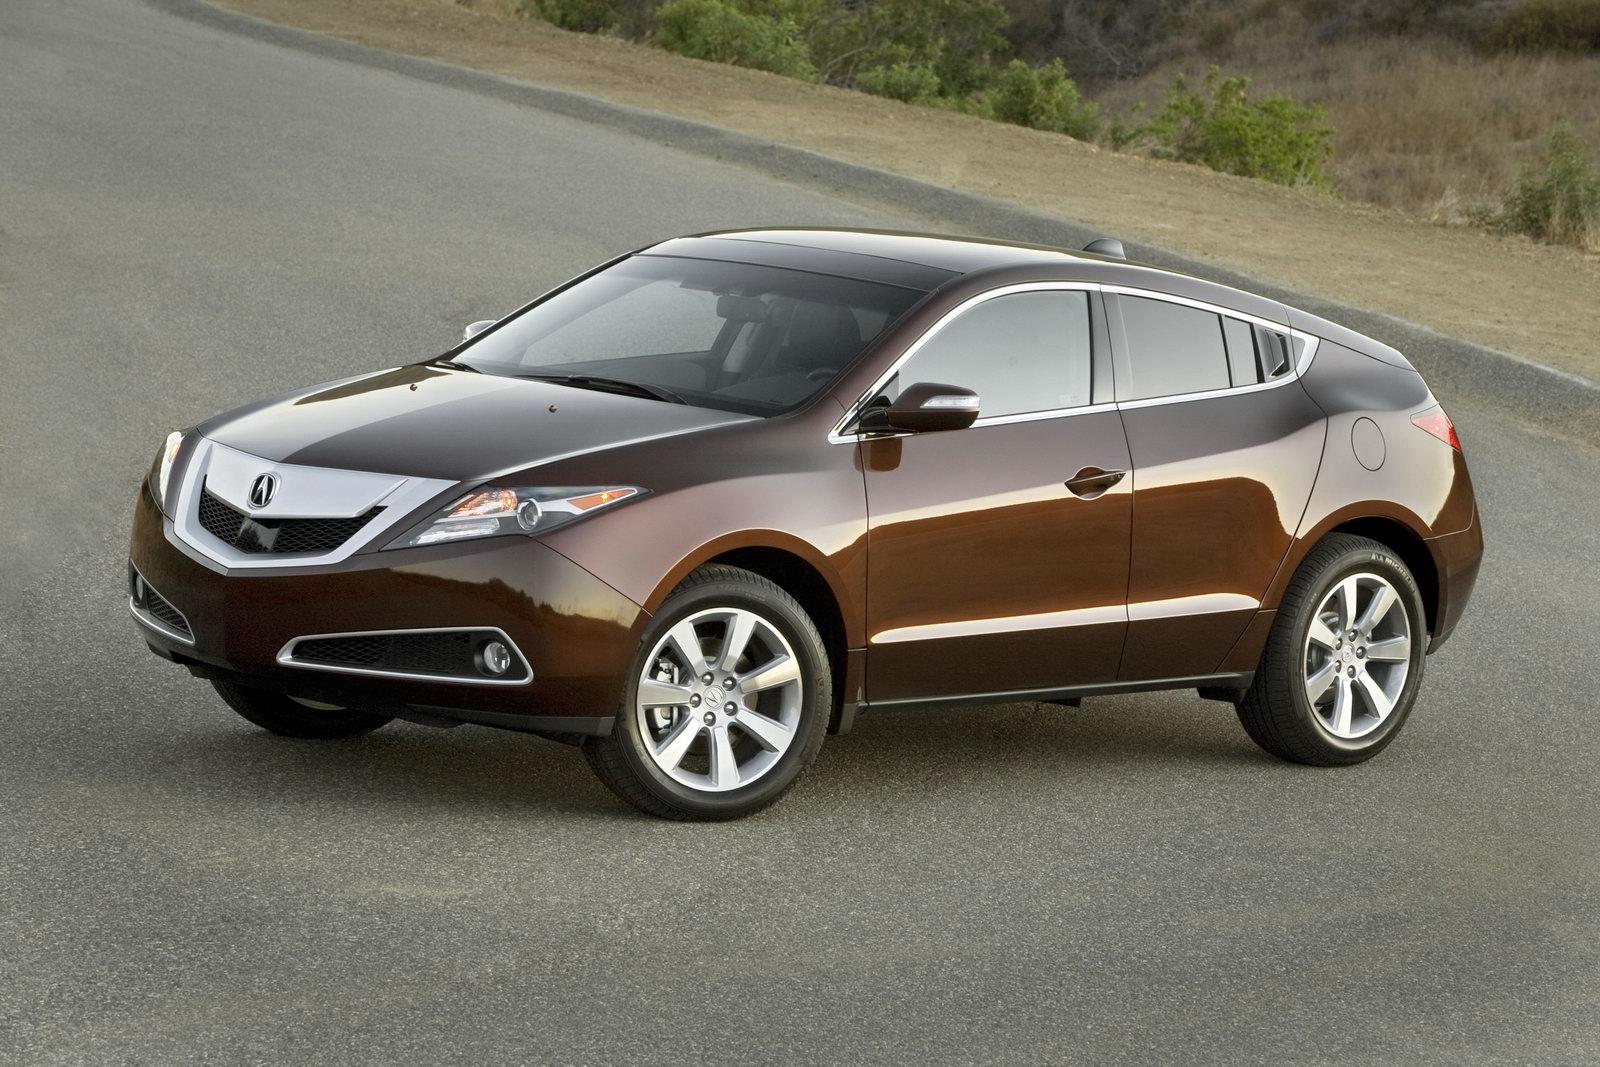 http://3.bp.blogspot.com/_GxdvsI4P_Tg/SwqEd0KjFQI/AAAAAAAABsY/VrEpWa15cKI/s1600/2010+Acura+ZDX+Price.jpg